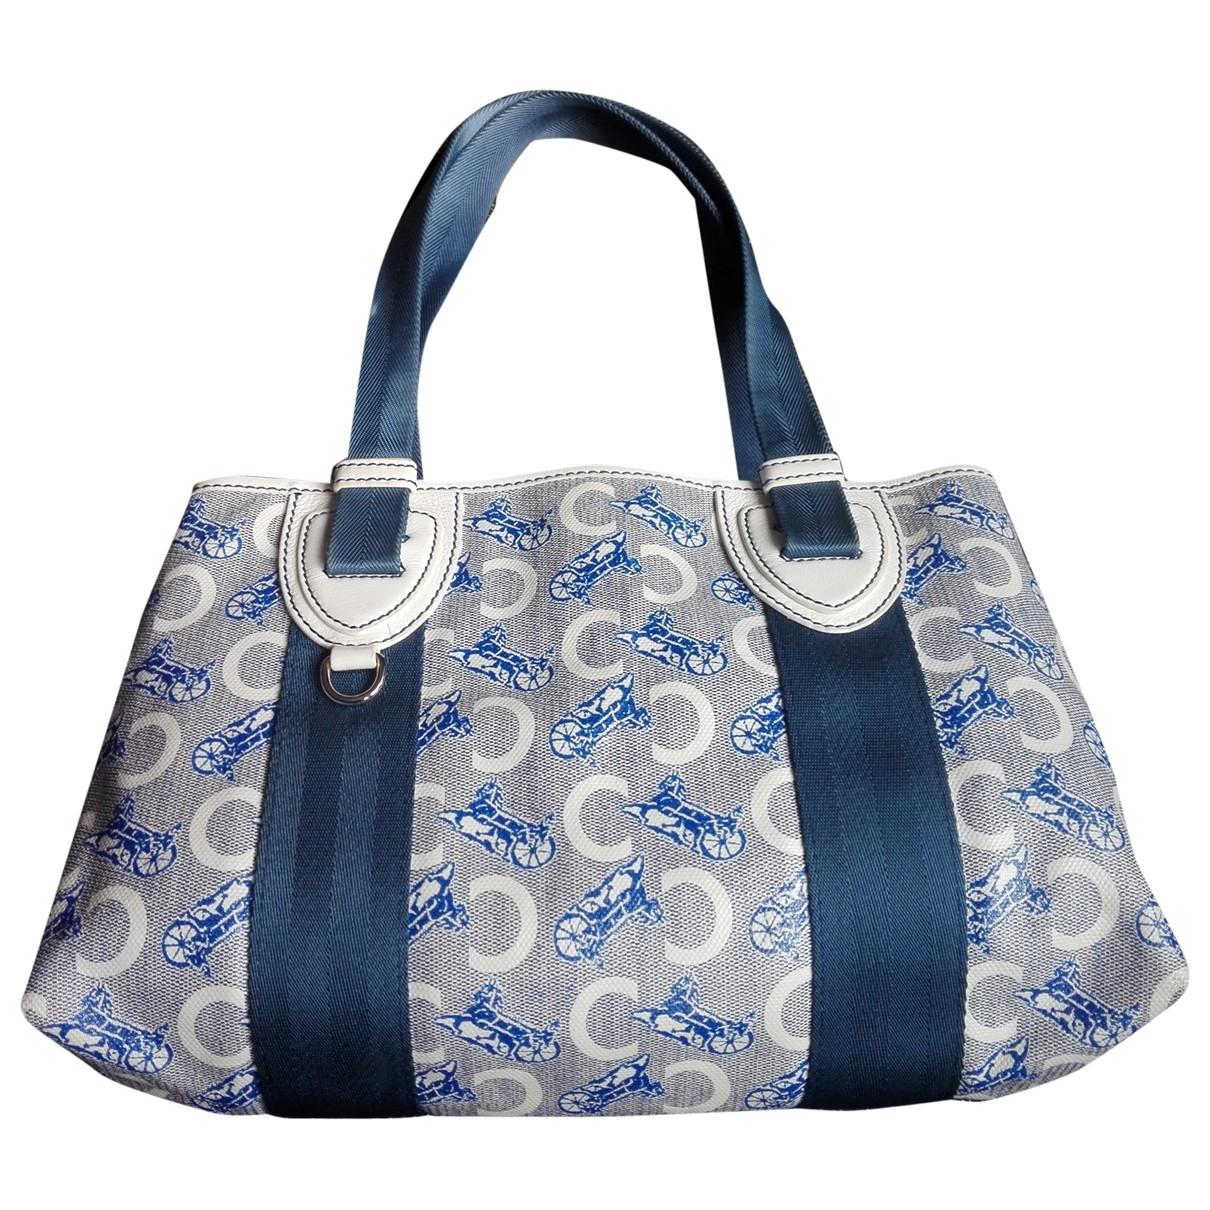 Celine \N Handtasche in  Blau Leinen